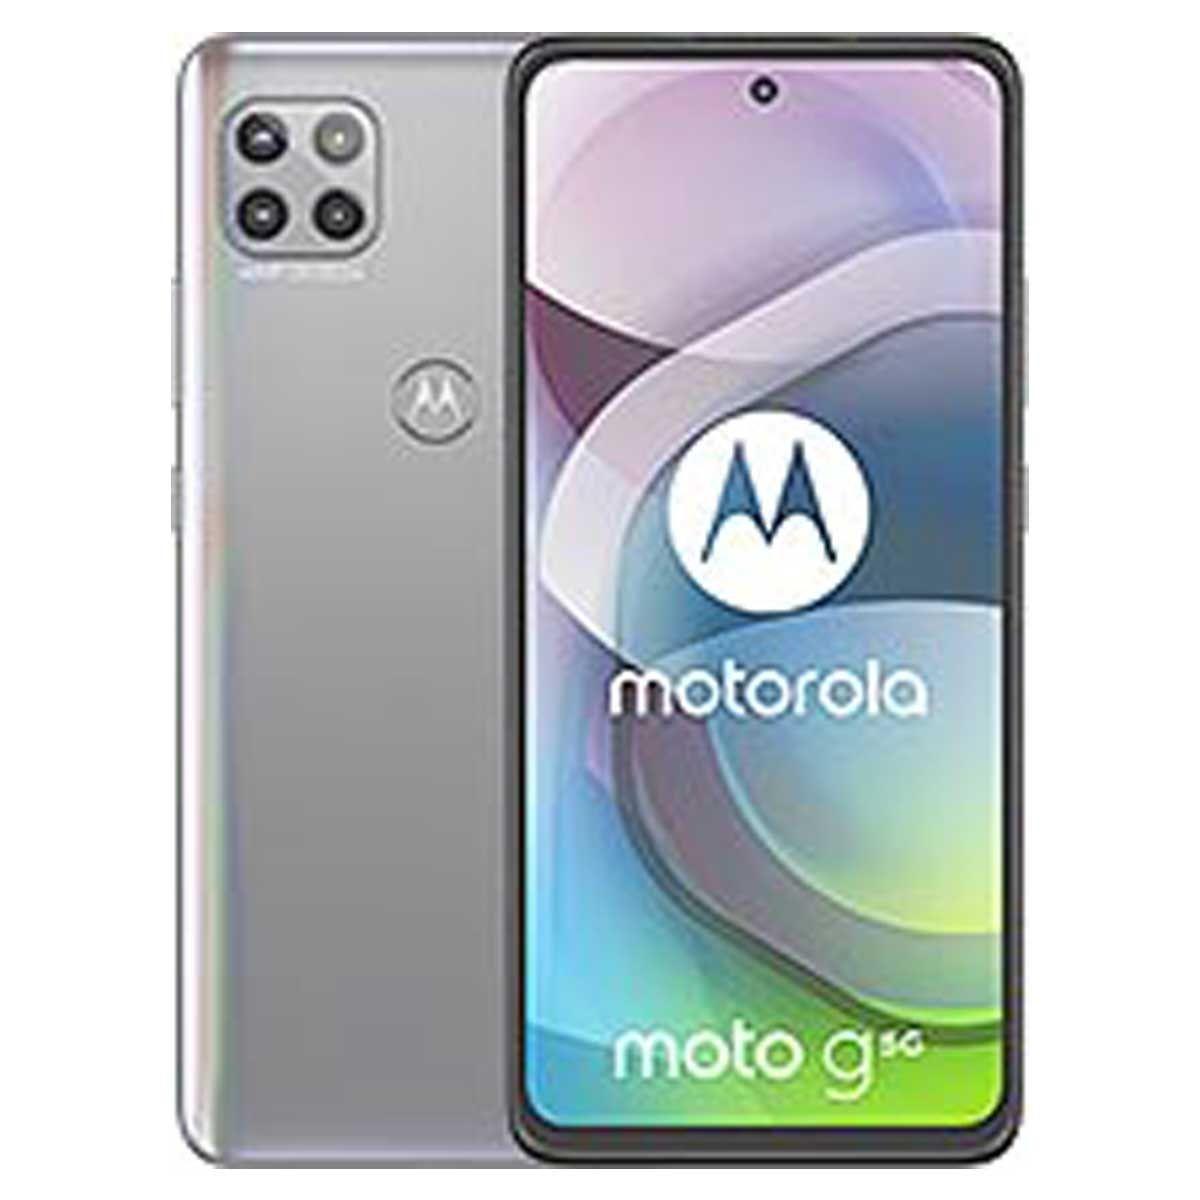 موٹرولا Moto G 5G 128GB 6GB RAM